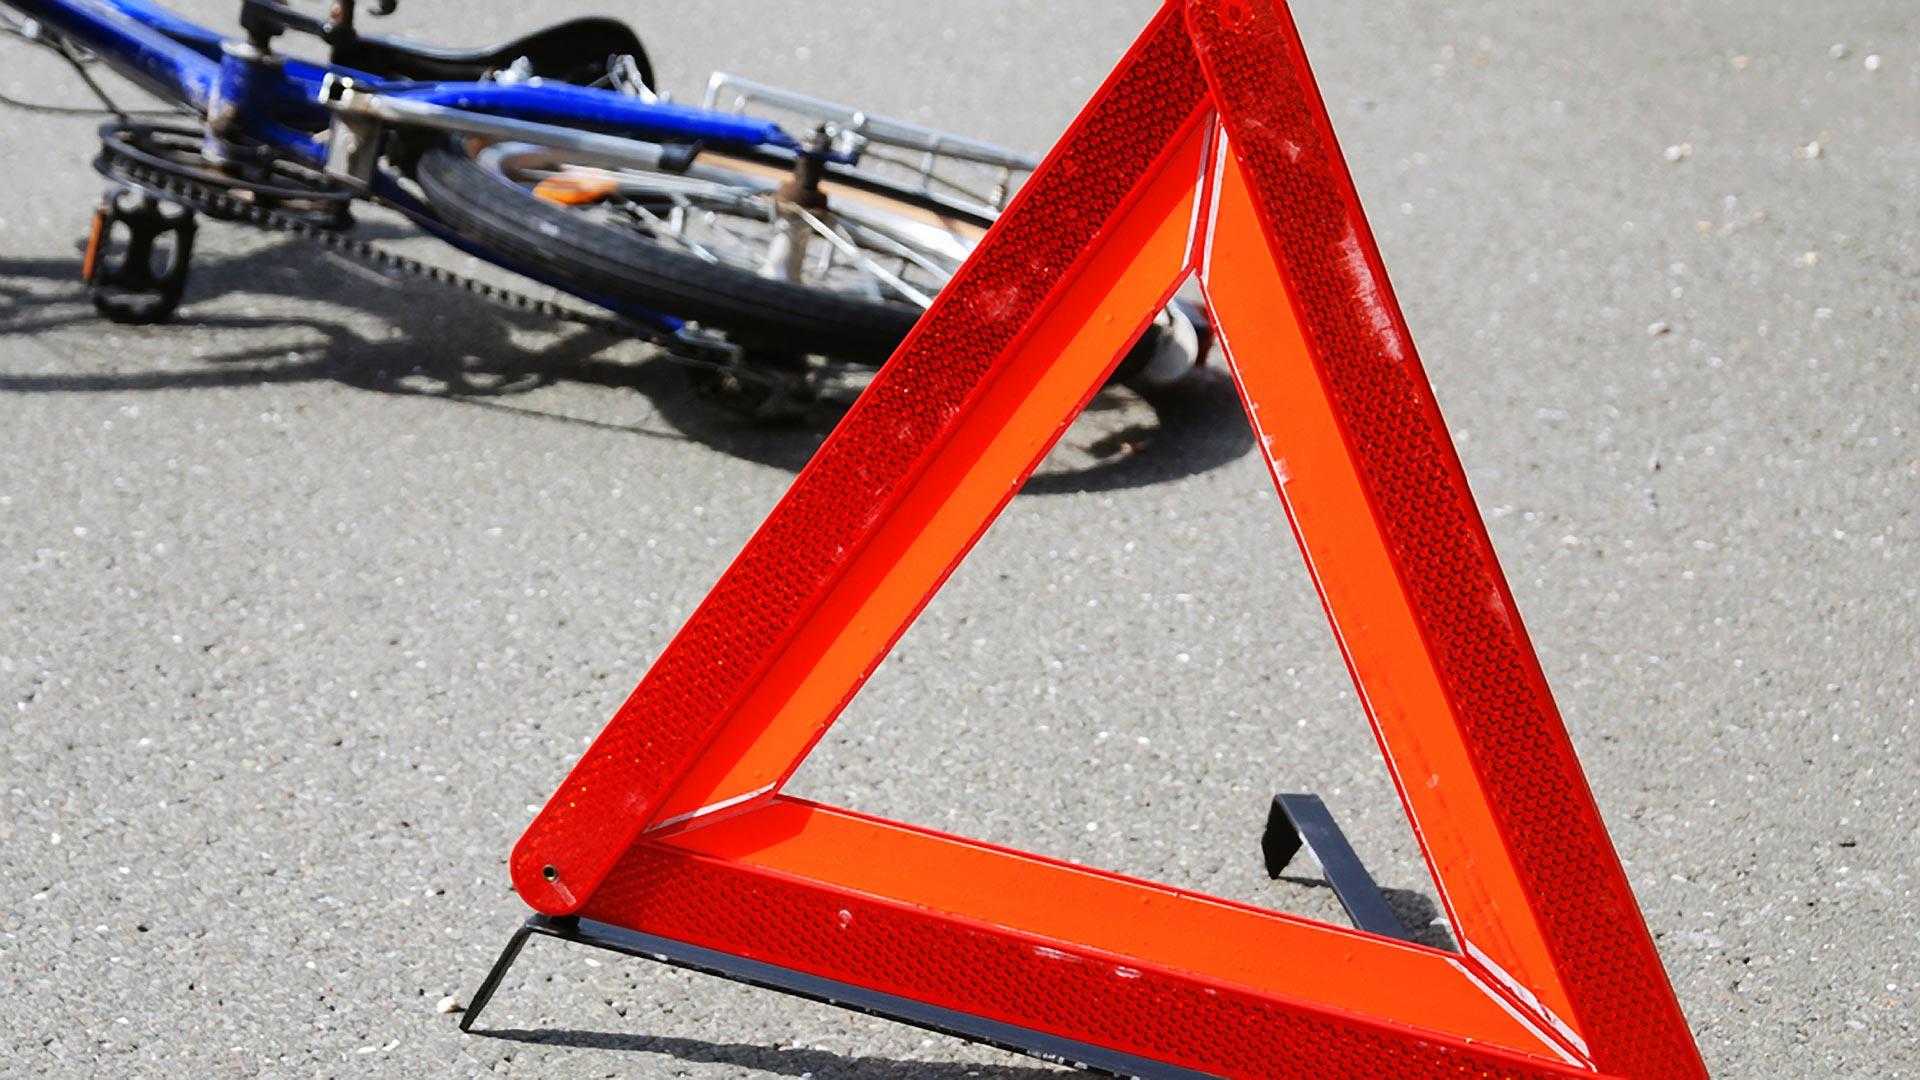 Поворот не туда: велосипедиста сбила иномарка в Тверской области